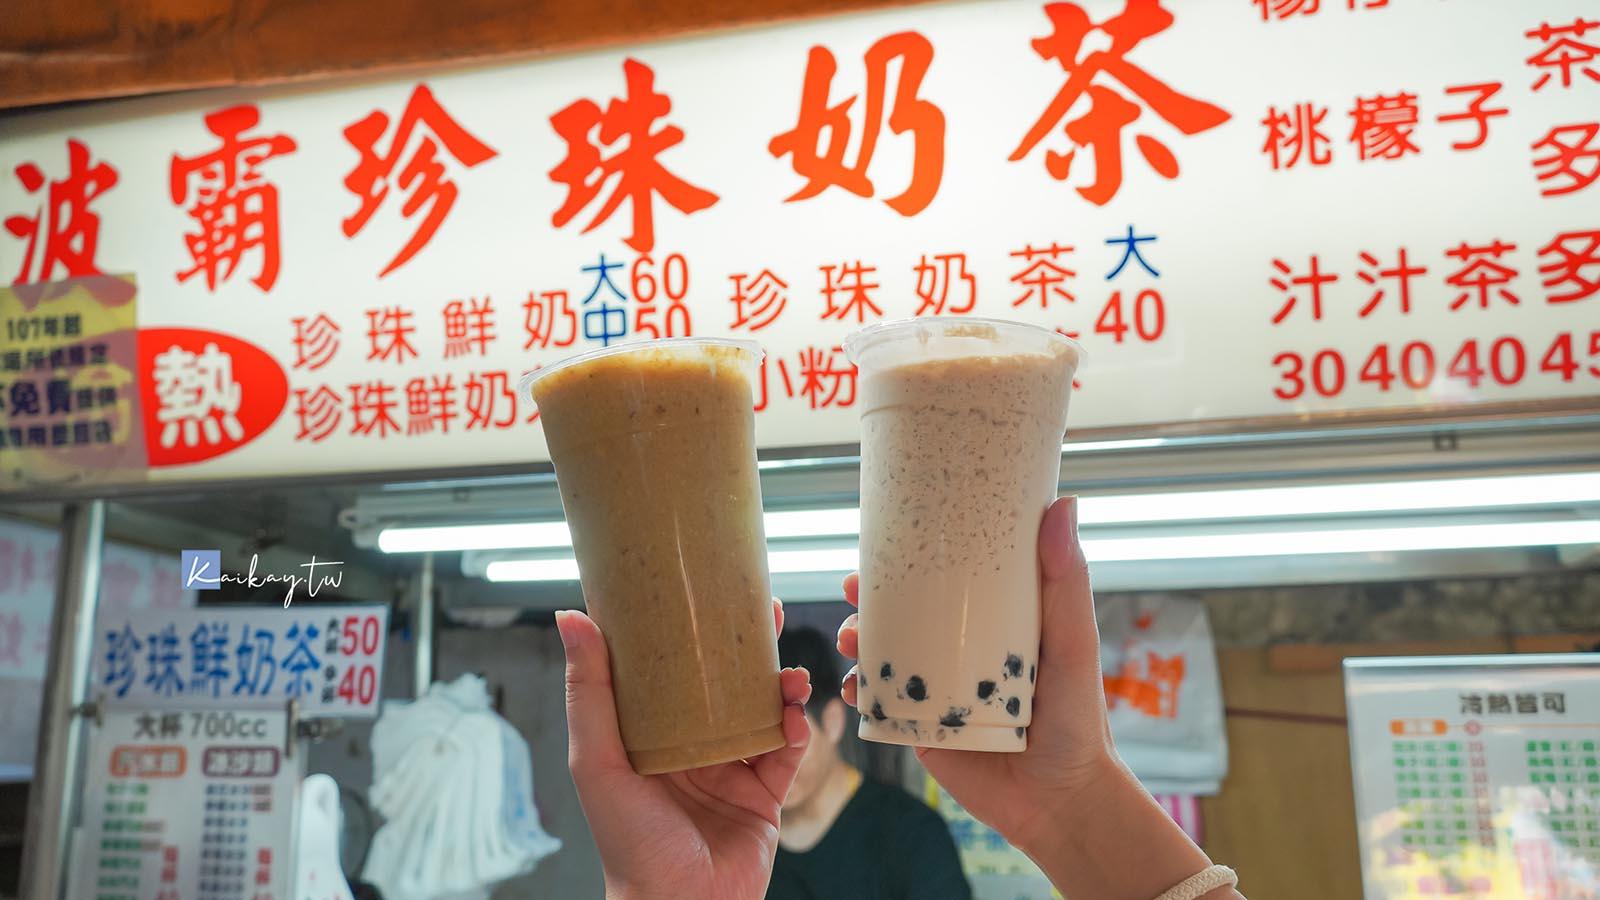 網站近期文章:☆【新北 府中站】店名就叫「波霸珍珠奶茶」夠直白。有夠隱藏有夠巷弄但超多人買